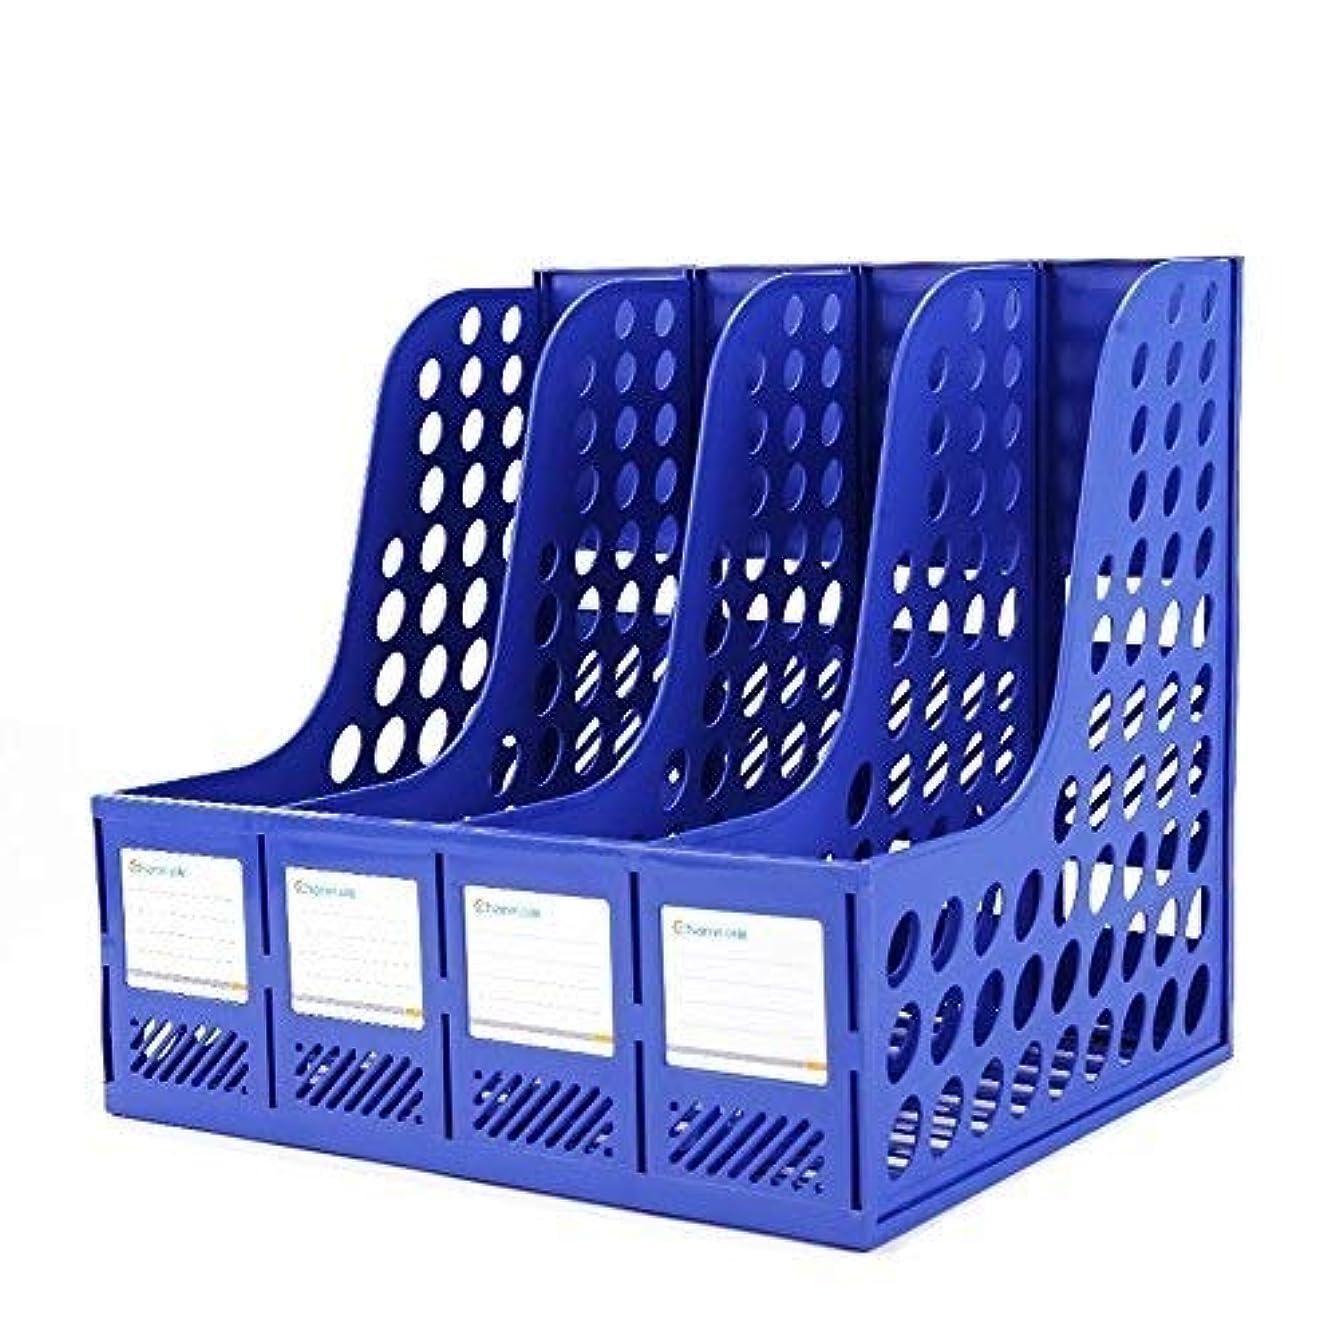 地雷原ばかげている発信ARR 丈夫なデスクトップ4セクションプラスチックマガジンホルダーフレームファイル仕切りドキュメントキャビネットラックディスプレイと収納オーガナイザーボックス黒 (Color : Blue, Size : 24*25.5*31cm)